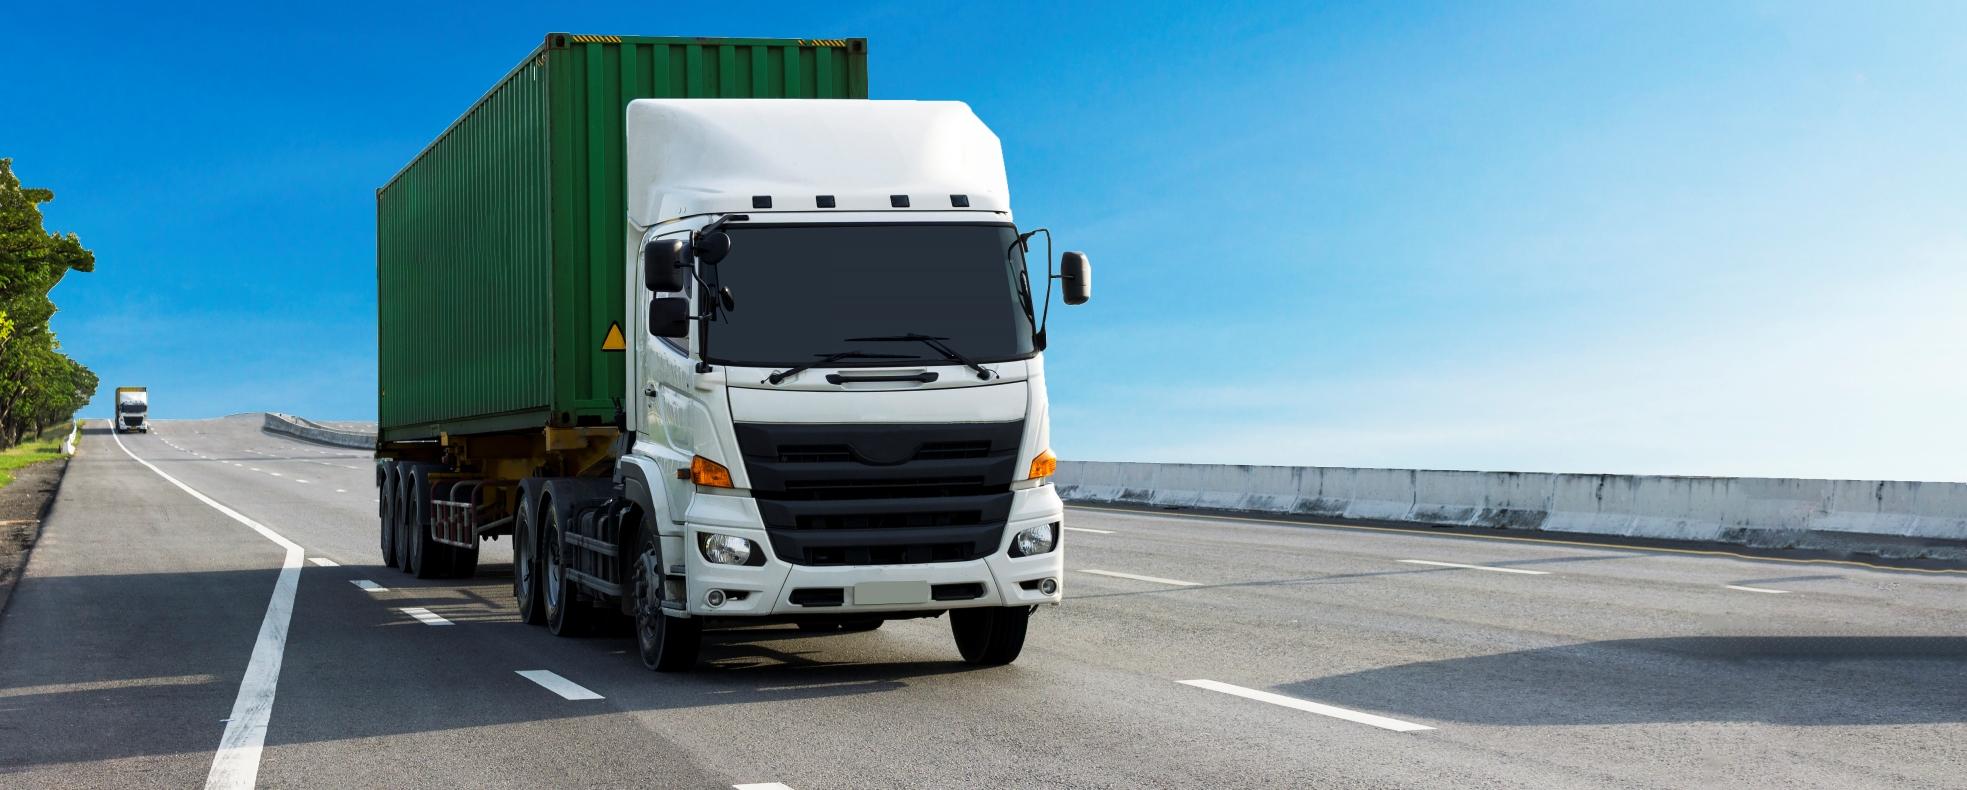 Újabb hivatásos gépkocsivezetői képzések indulnak 1 milliárd forintból